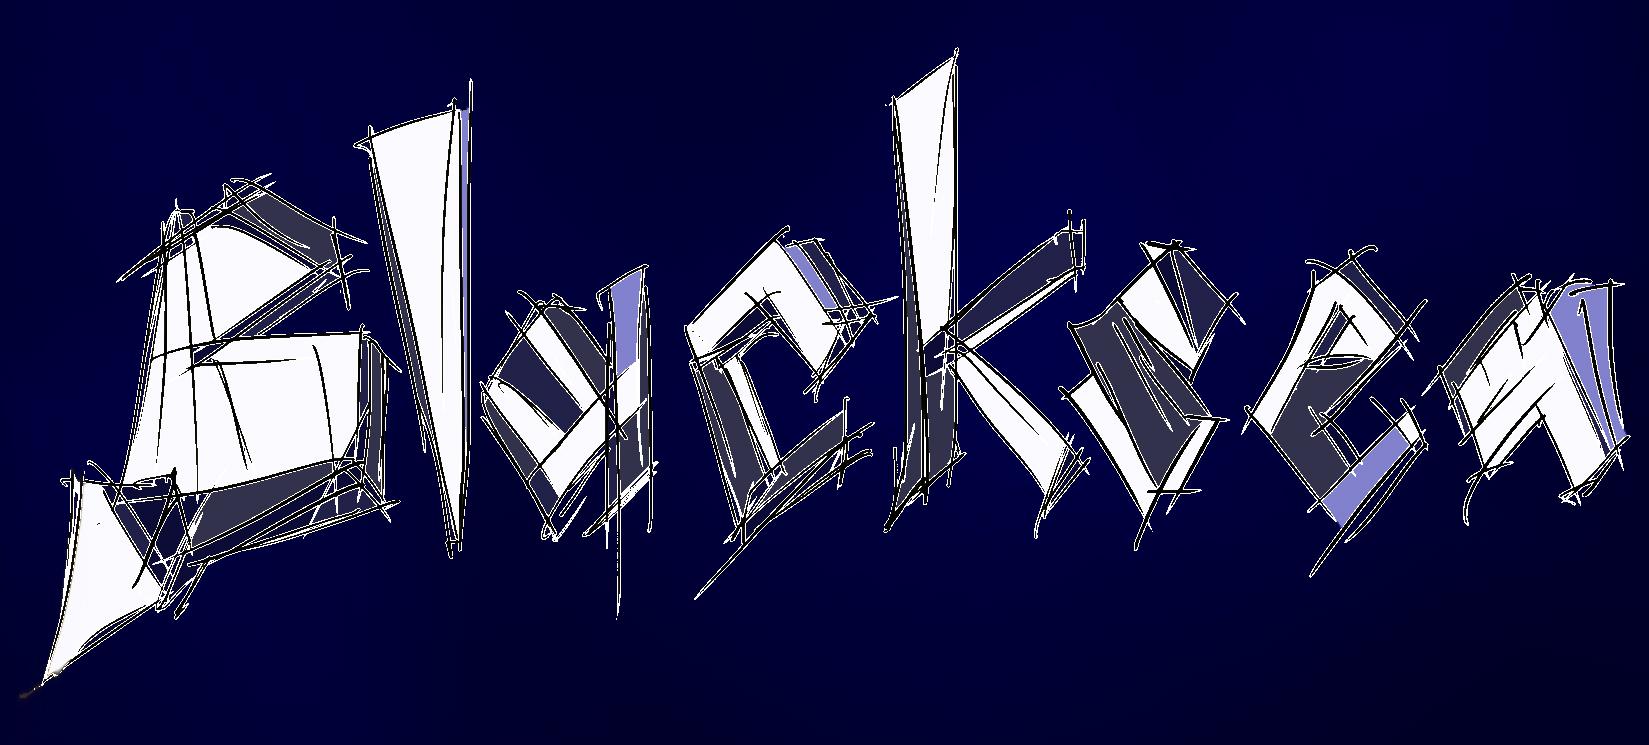 Graffiti Tag: Blacksea